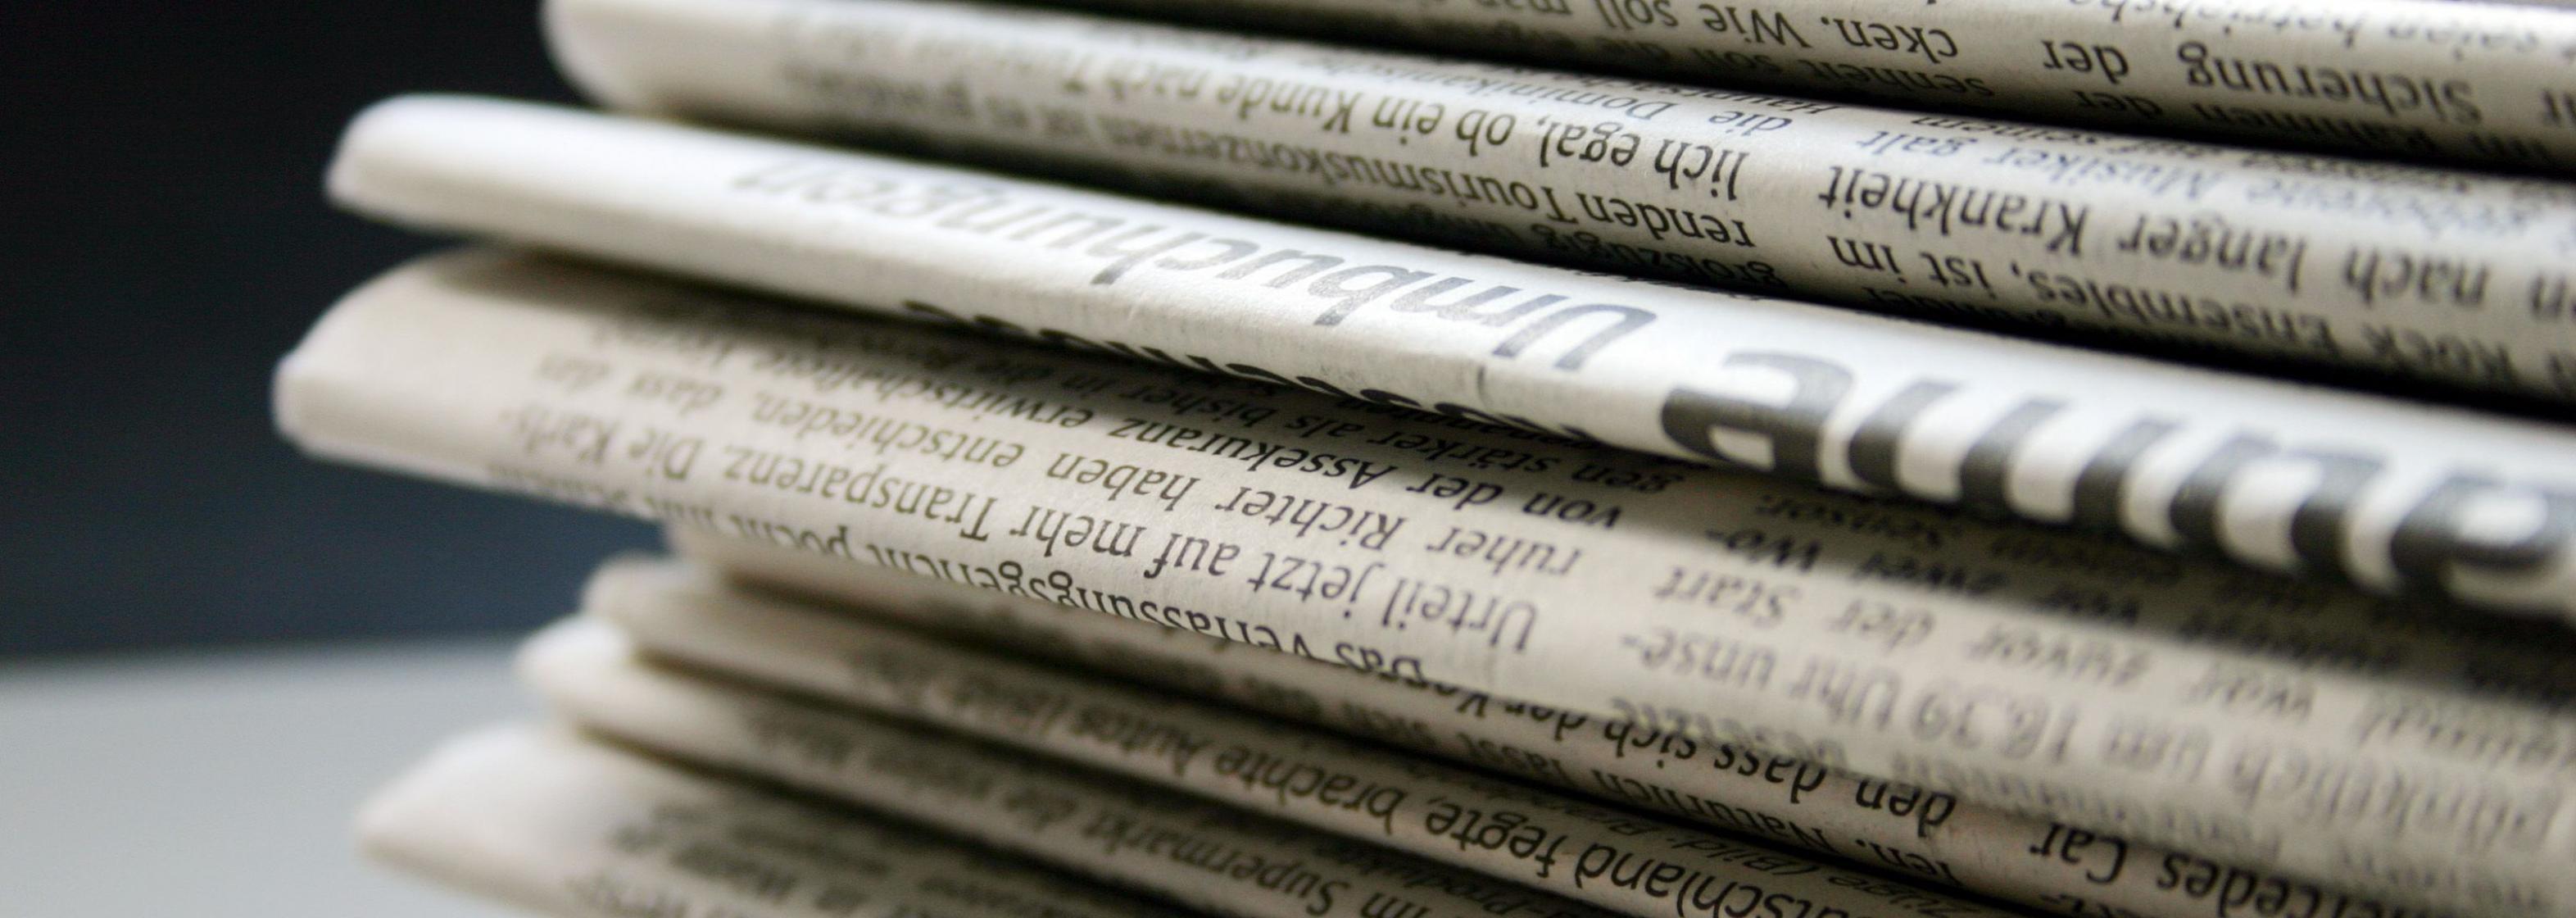 Zeitungsstapel ungeordnet